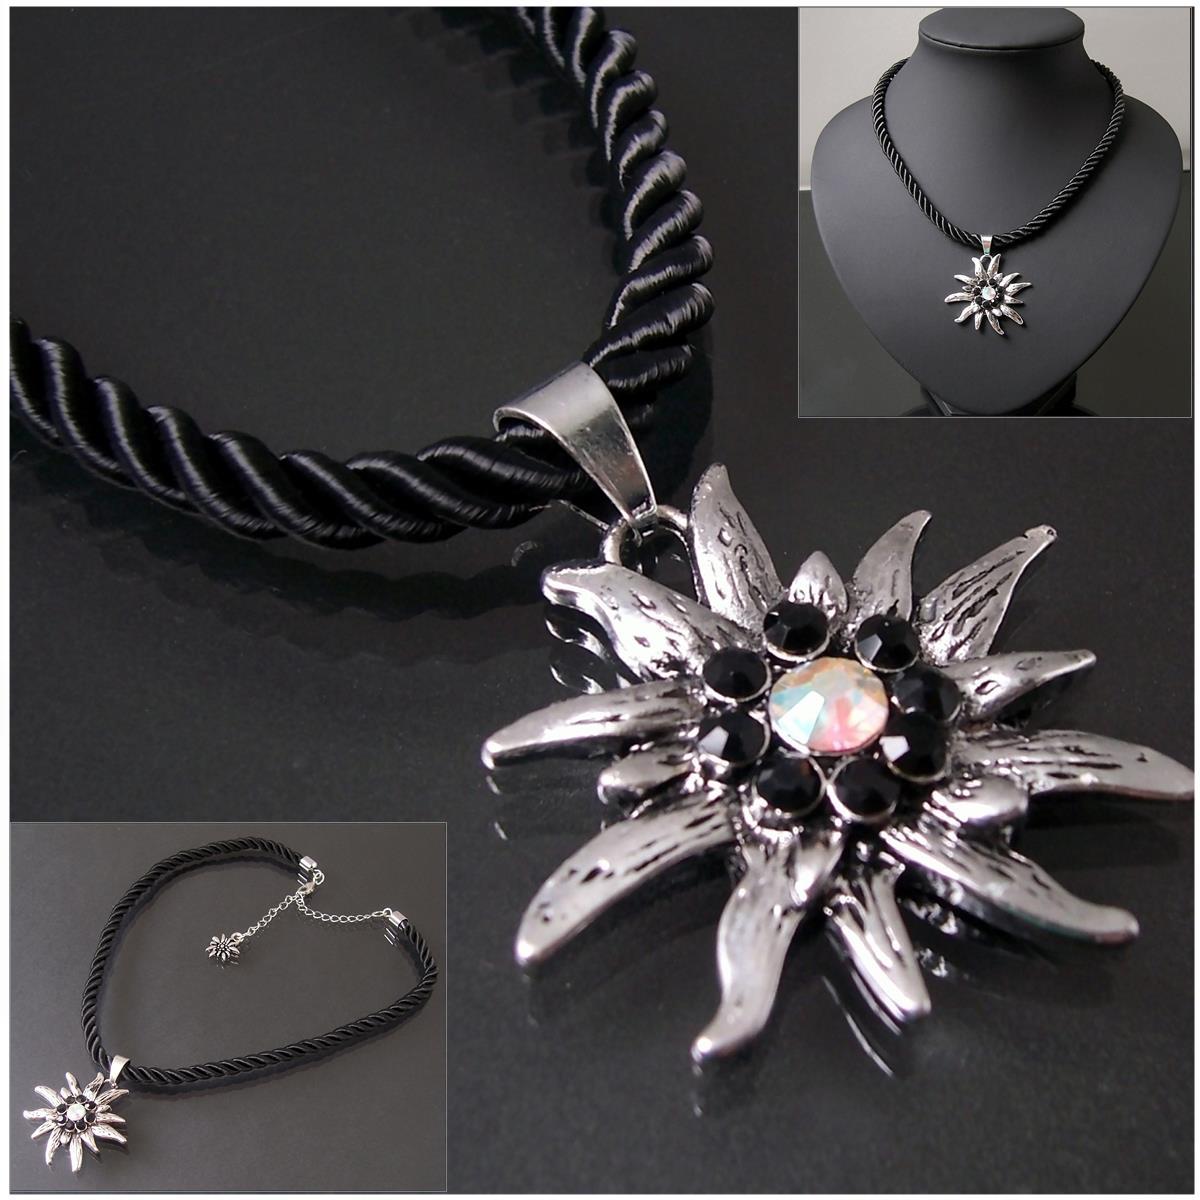 Halskette Tracht Dirndl Edelweiß satinierte Kordelkette schwarz K2819